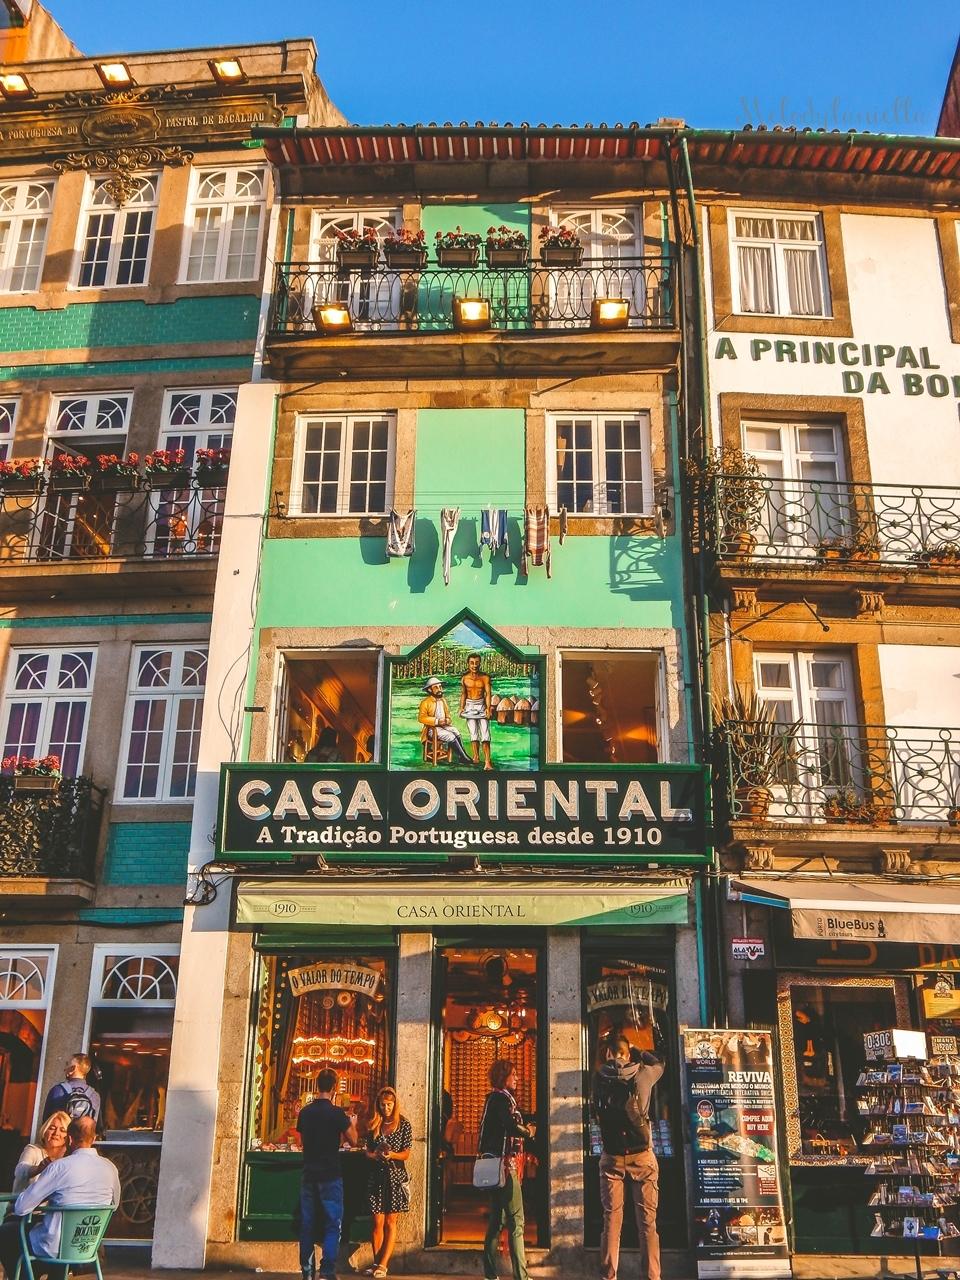 4 Casa Oriental-2  co zobaczyć w Porto w portugalii ciekawe miejsca musisz zobaczyć top miejsc w porto zabytki piękne uliczki miejsca godne zobaczenia blog podróżniczy portugalia melodylaniella